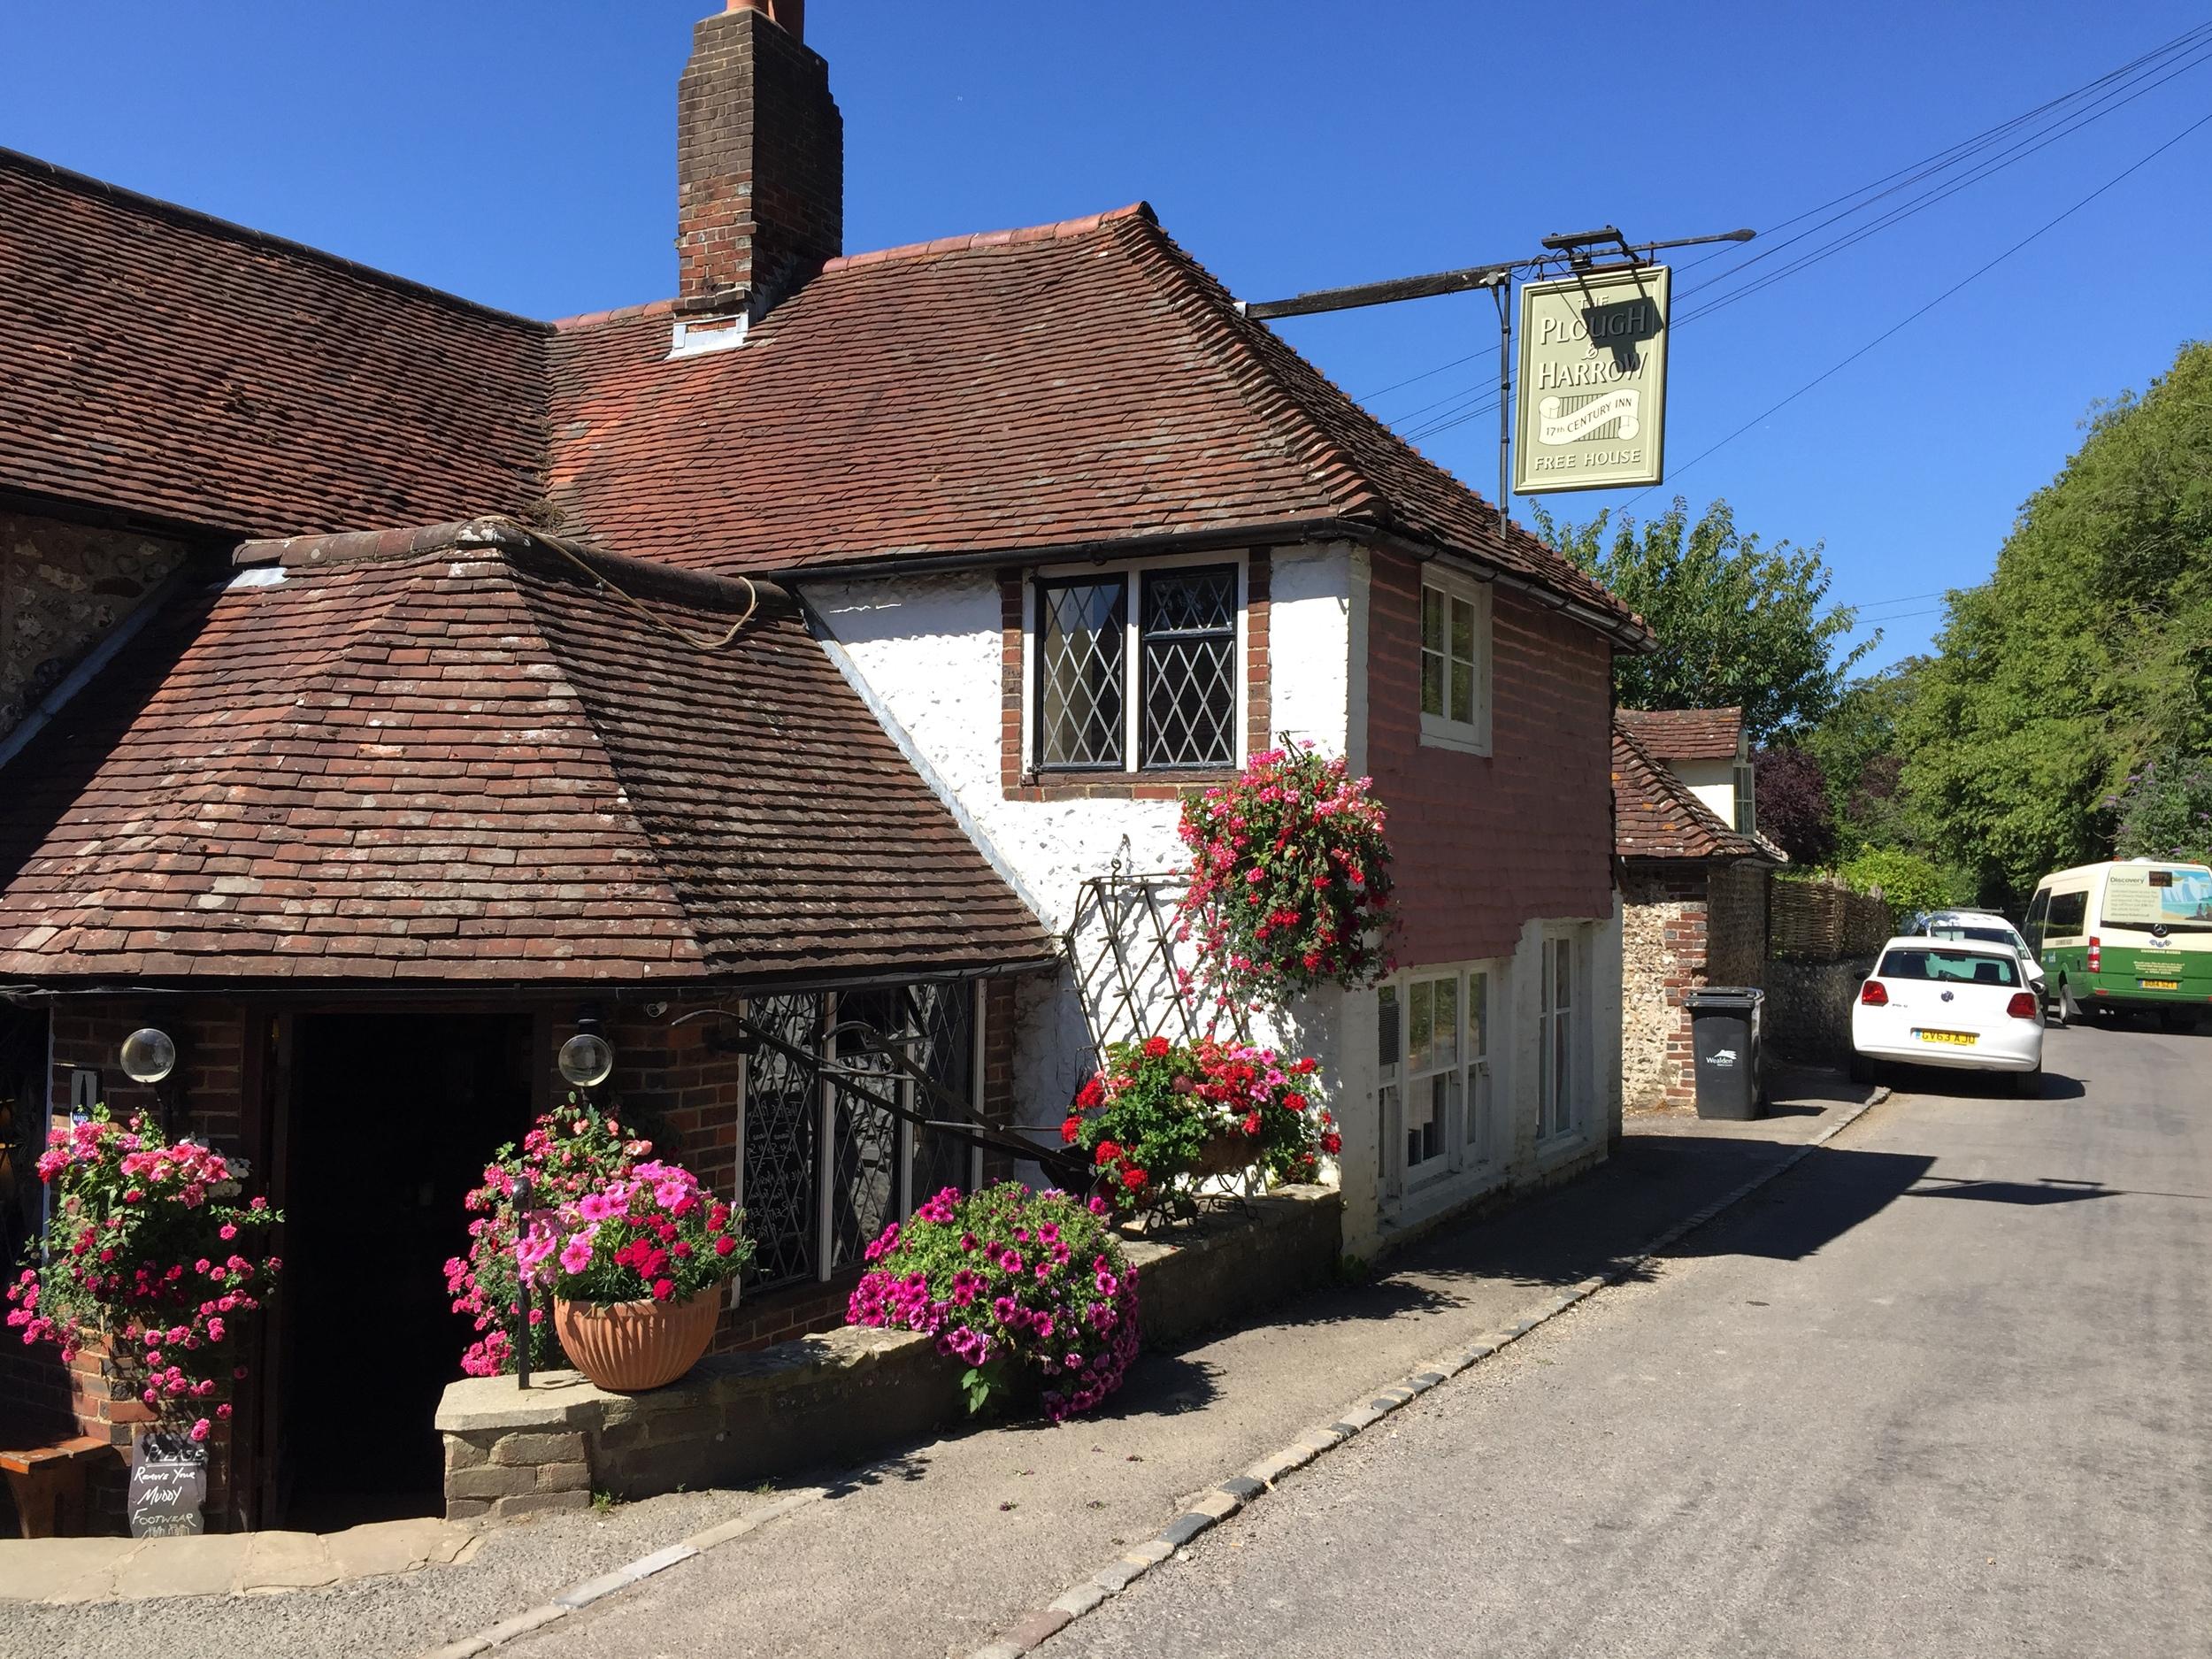 The Plough & Harrow, Lullington